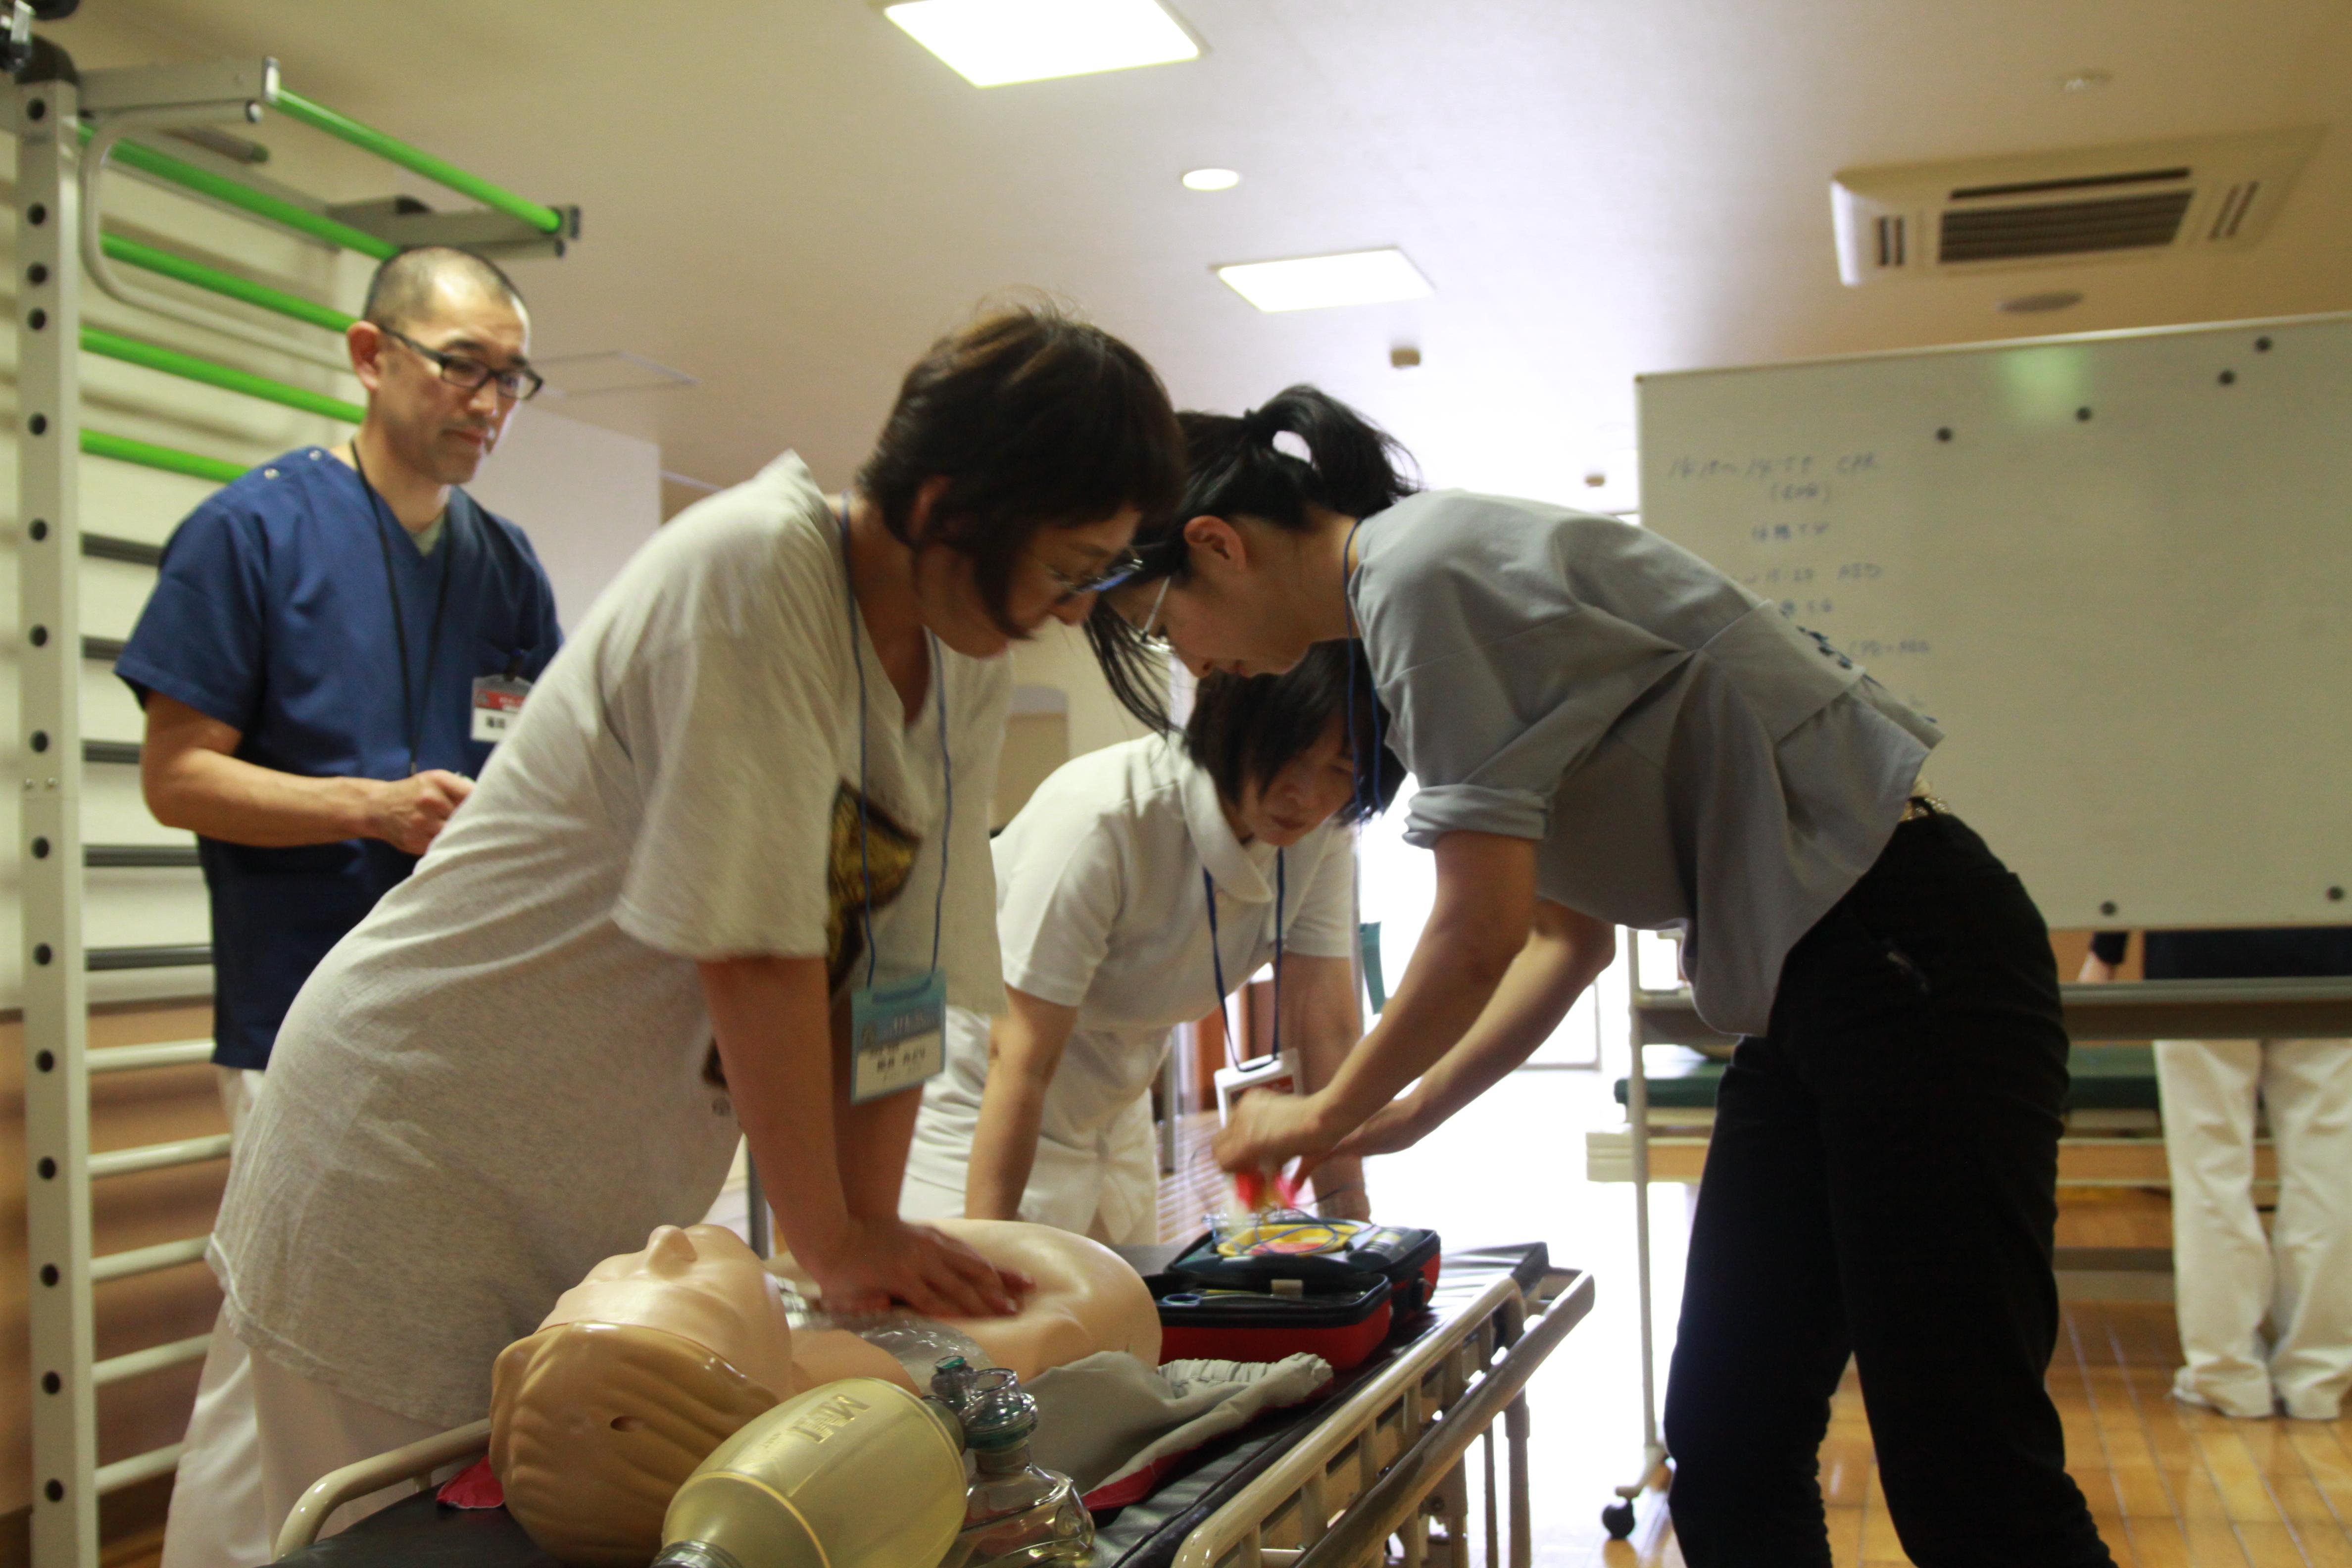 横浜市青葉区 循環器内科 リウマチ科 小児科 皮膚科 禁煙外来 睡眠時無呼吸症候群 地域医療を支えるクリニックです医療法人社団 一成会 たちばな台クリニック